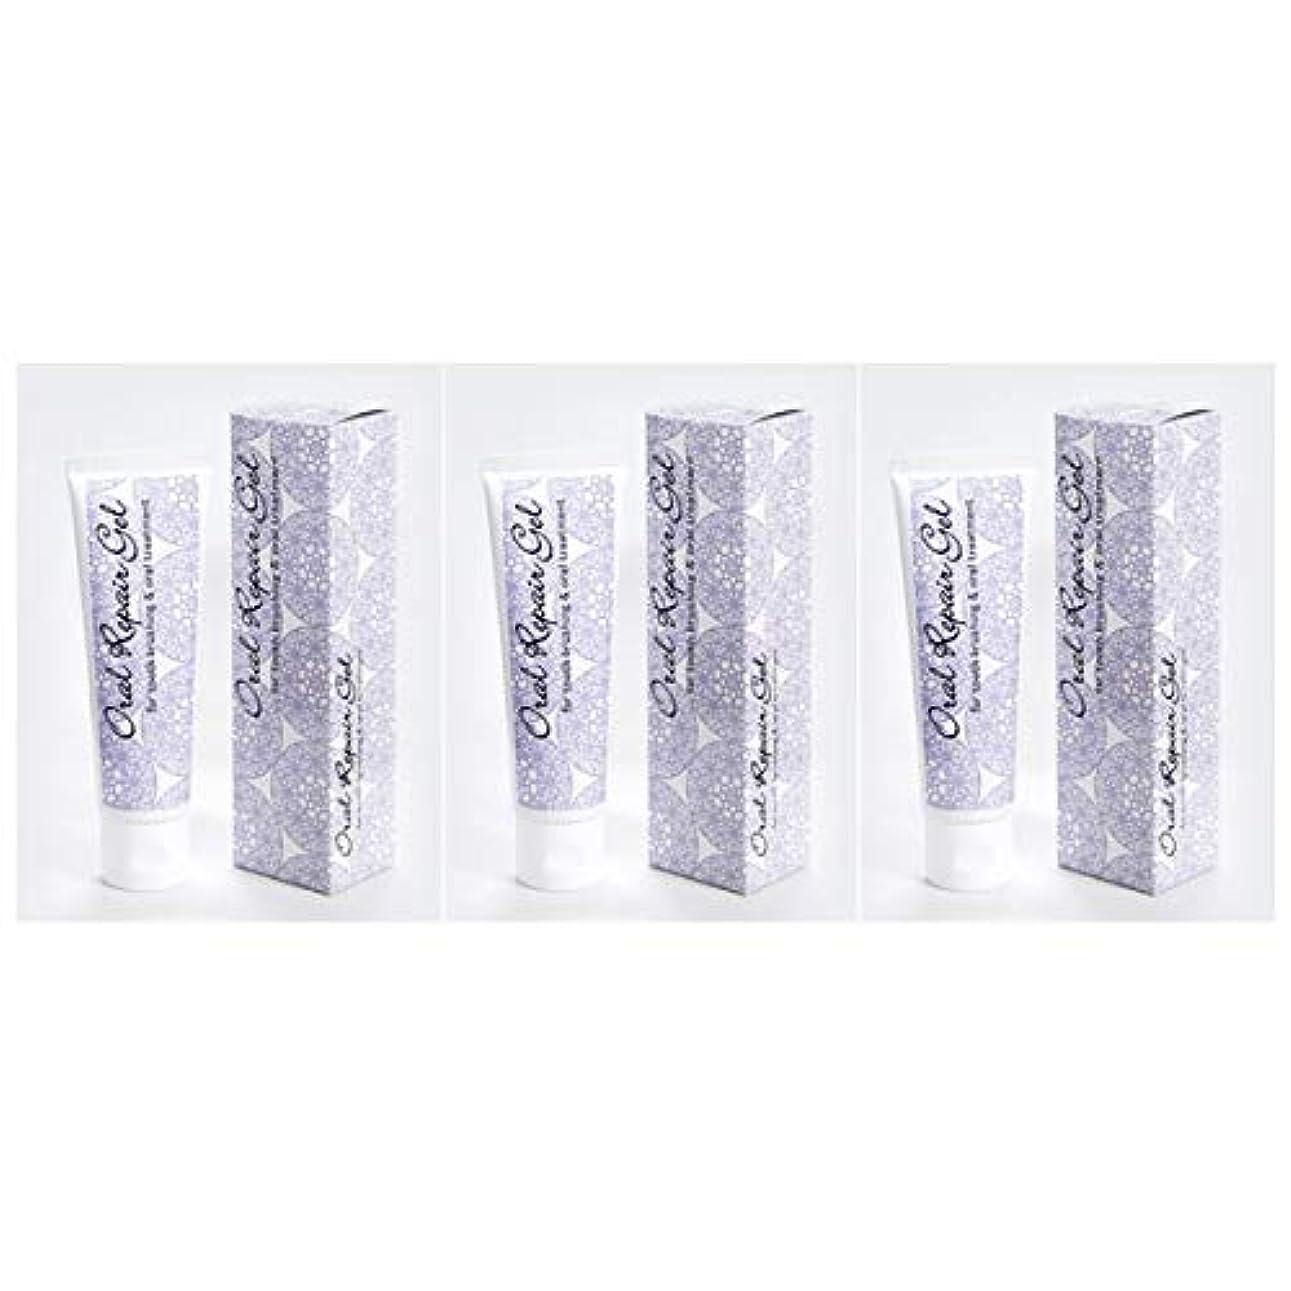 義務薄汚いキュービックオーラルリペアジェル3個セット(80g×3個) 天然アパタイト+乳酸菌生産物質配合の無添加歯磨き剤